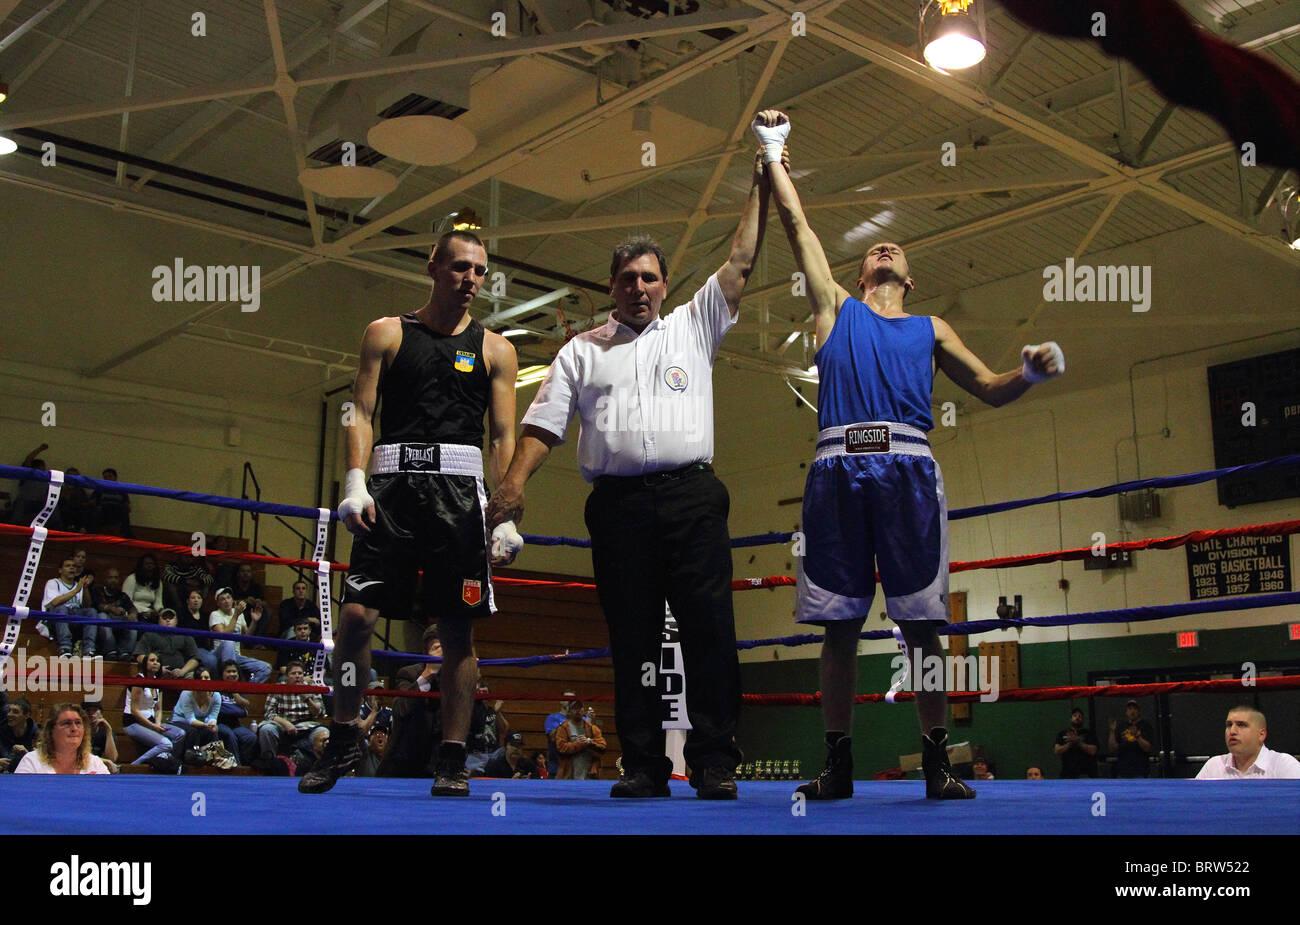 Árbitro de boxeo sostiene boxeador del brazo en el anillo después de un combate de boxeo Imagen De Stock